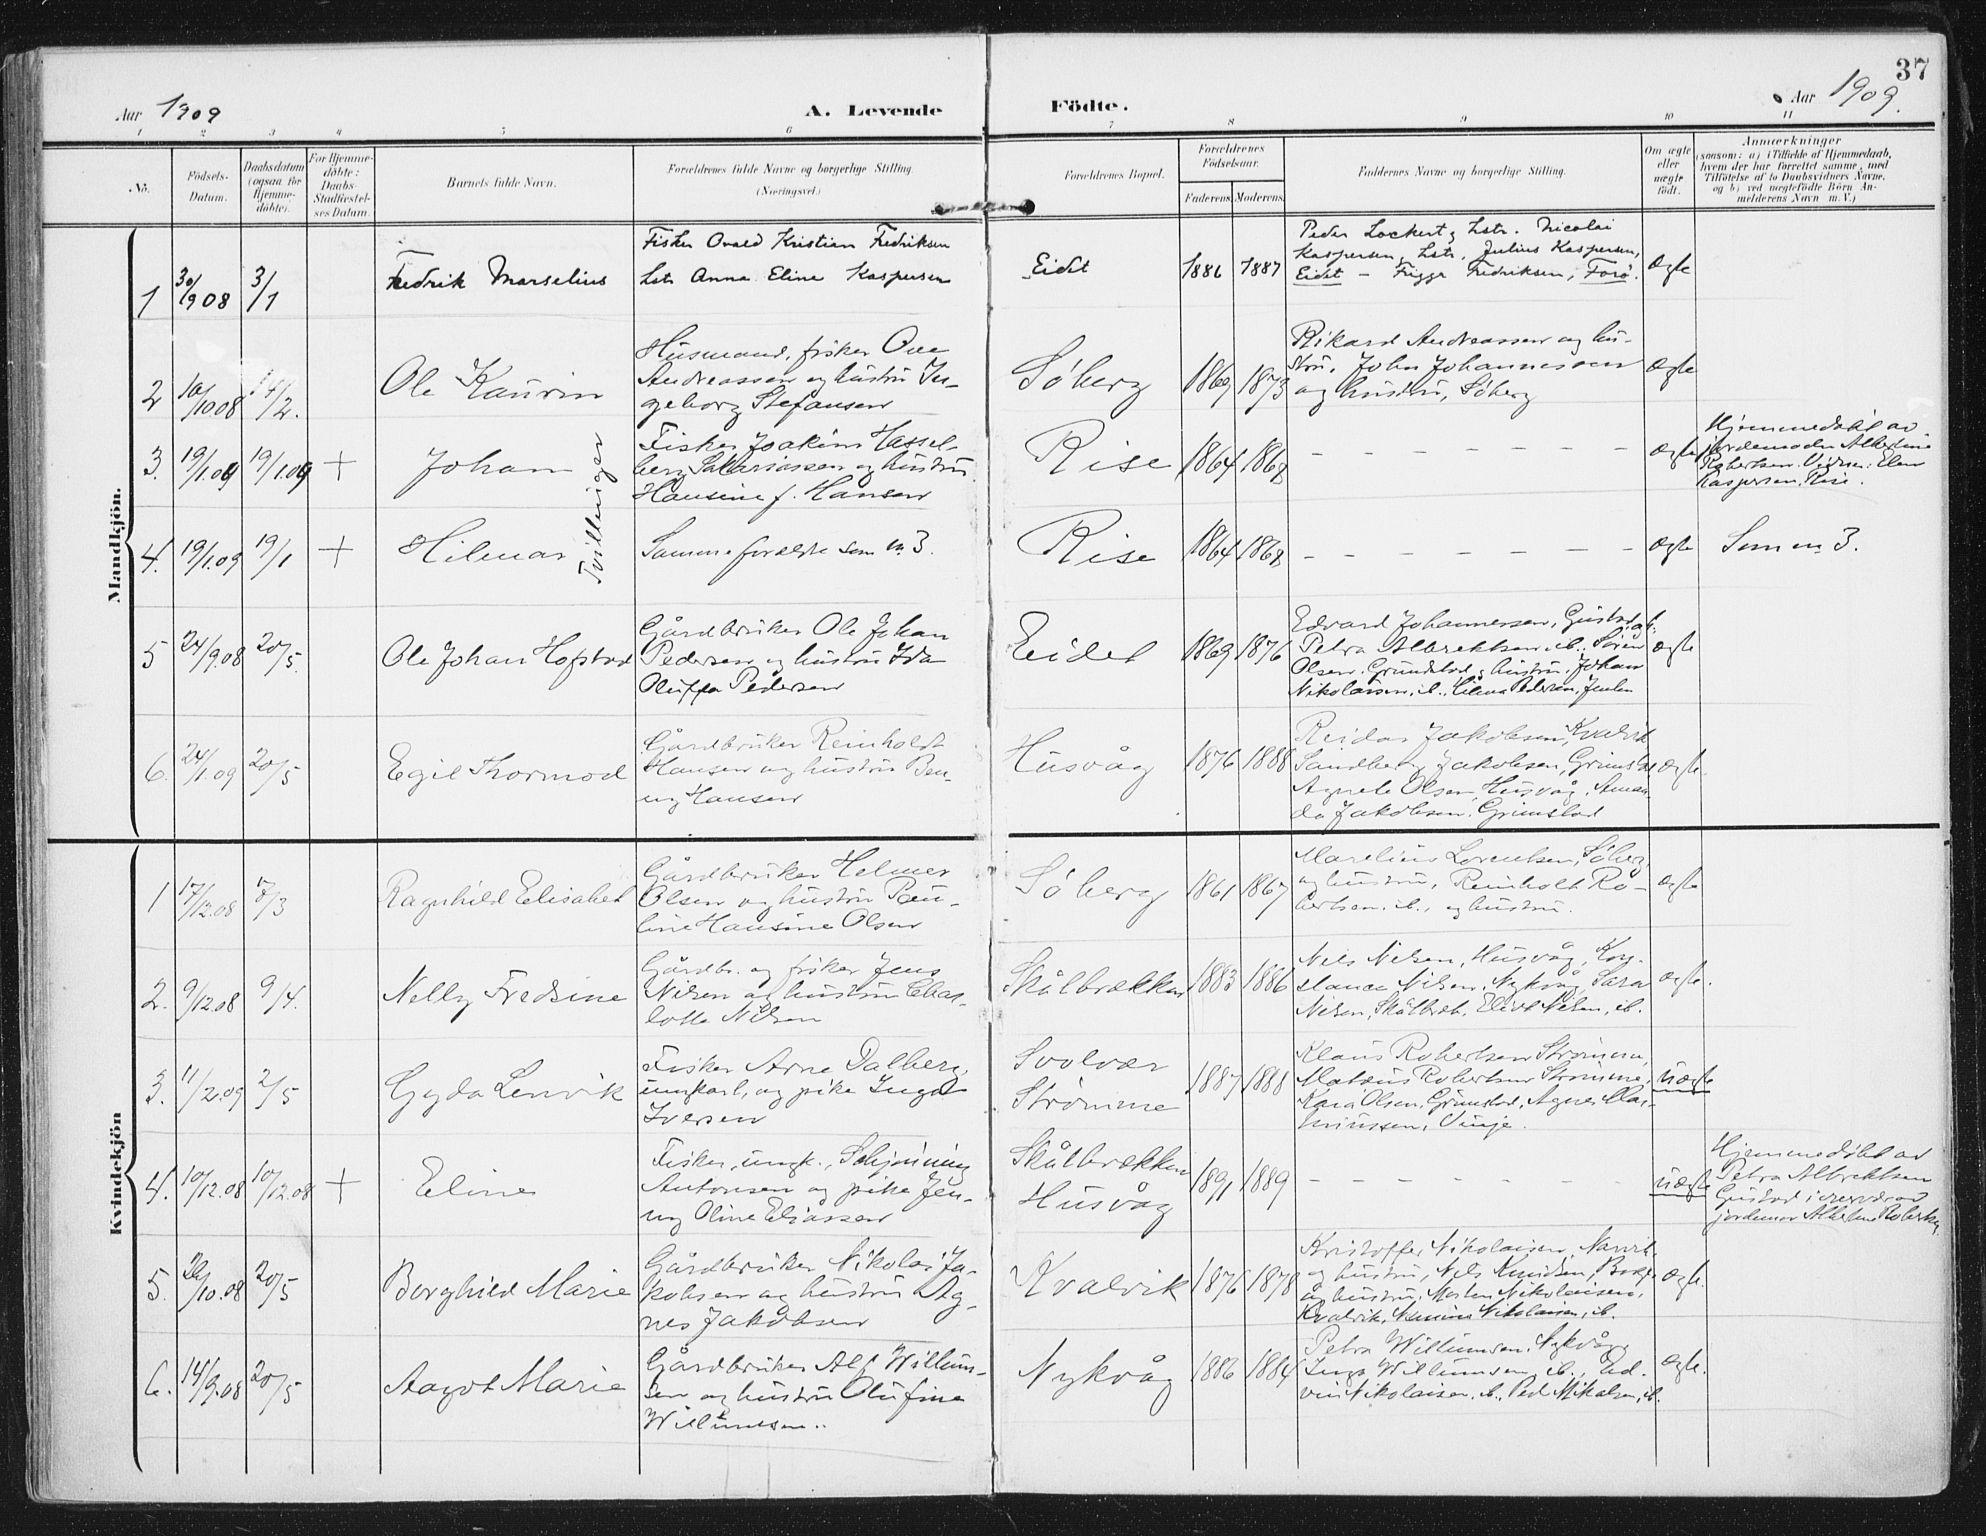 SAT, Ministerialprotokoller, klokkerbøker og fødselsregistre - Nordland, 892/L1321: Parish register (official) no. 892A02, 1902-1918, p. 37